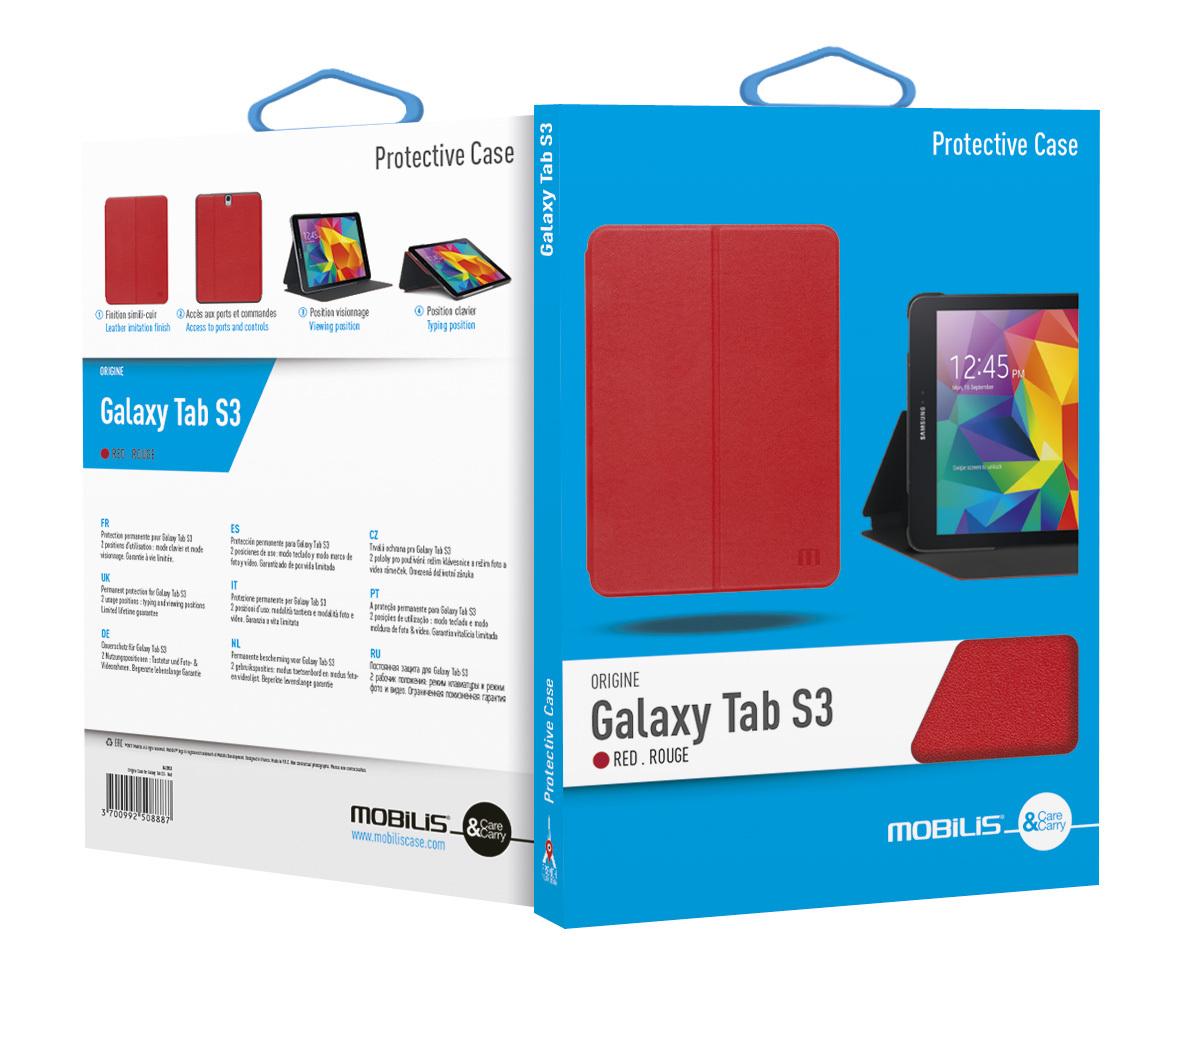 9491179962398.jpg [MS-15481123719086096-0019461146-FR]/Catalogue produits RDC et GM / Online